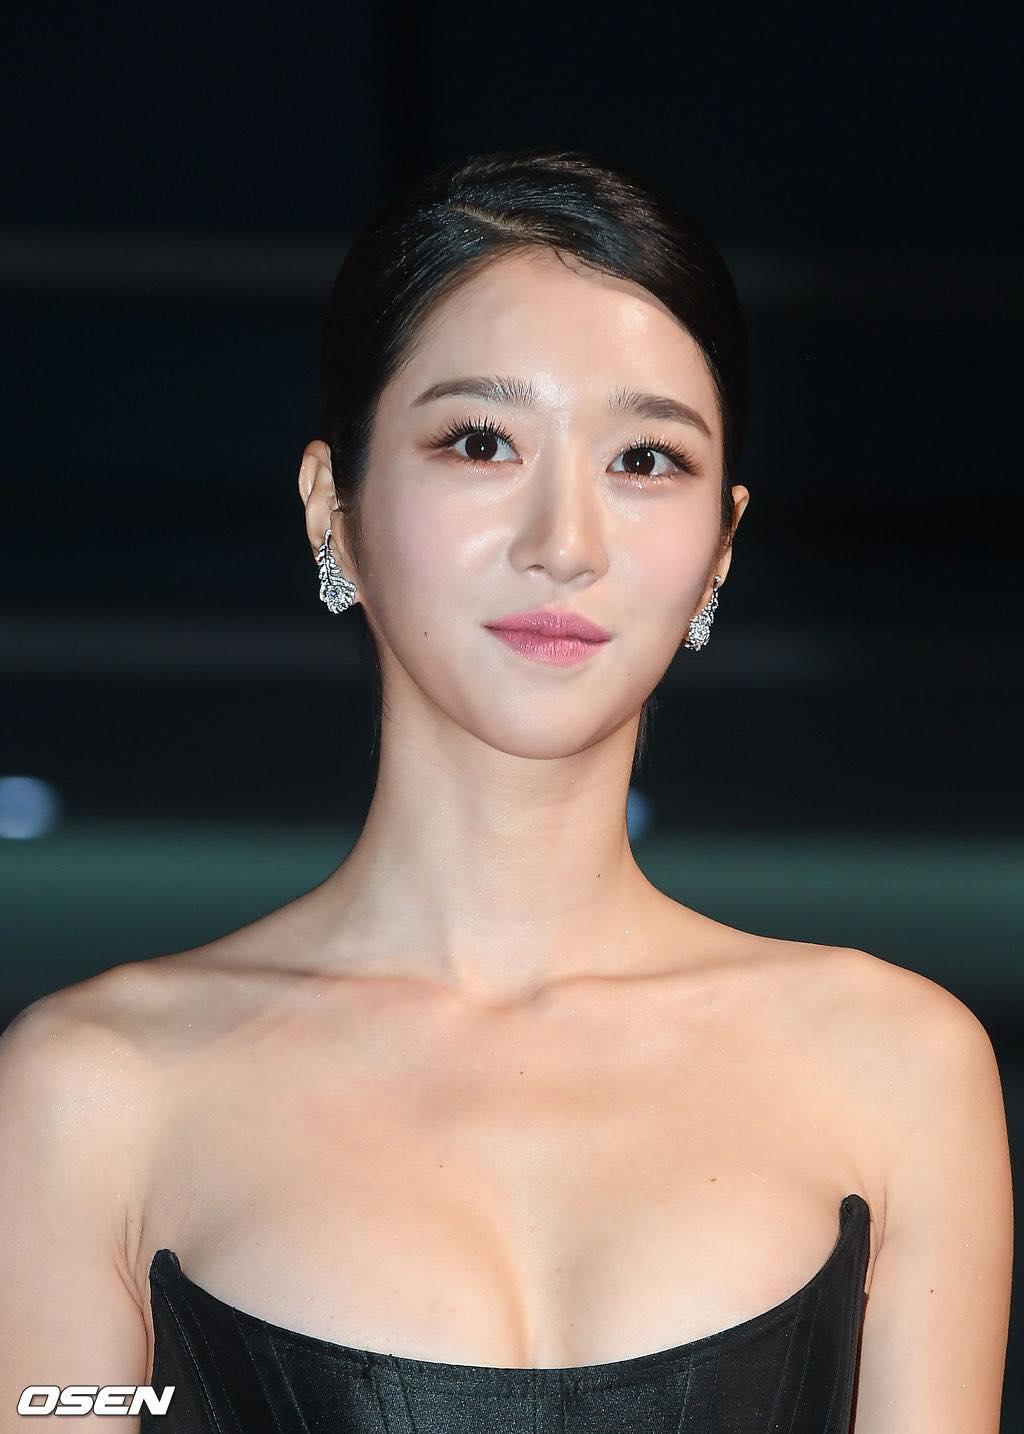 'Điên nữ' Seo Ye Ji gây sốt MXH xứ Hàn vì diện váy táo bạo khoe vòng 1 'ngồn ngộn' như sắp tràn ra ngoài 9